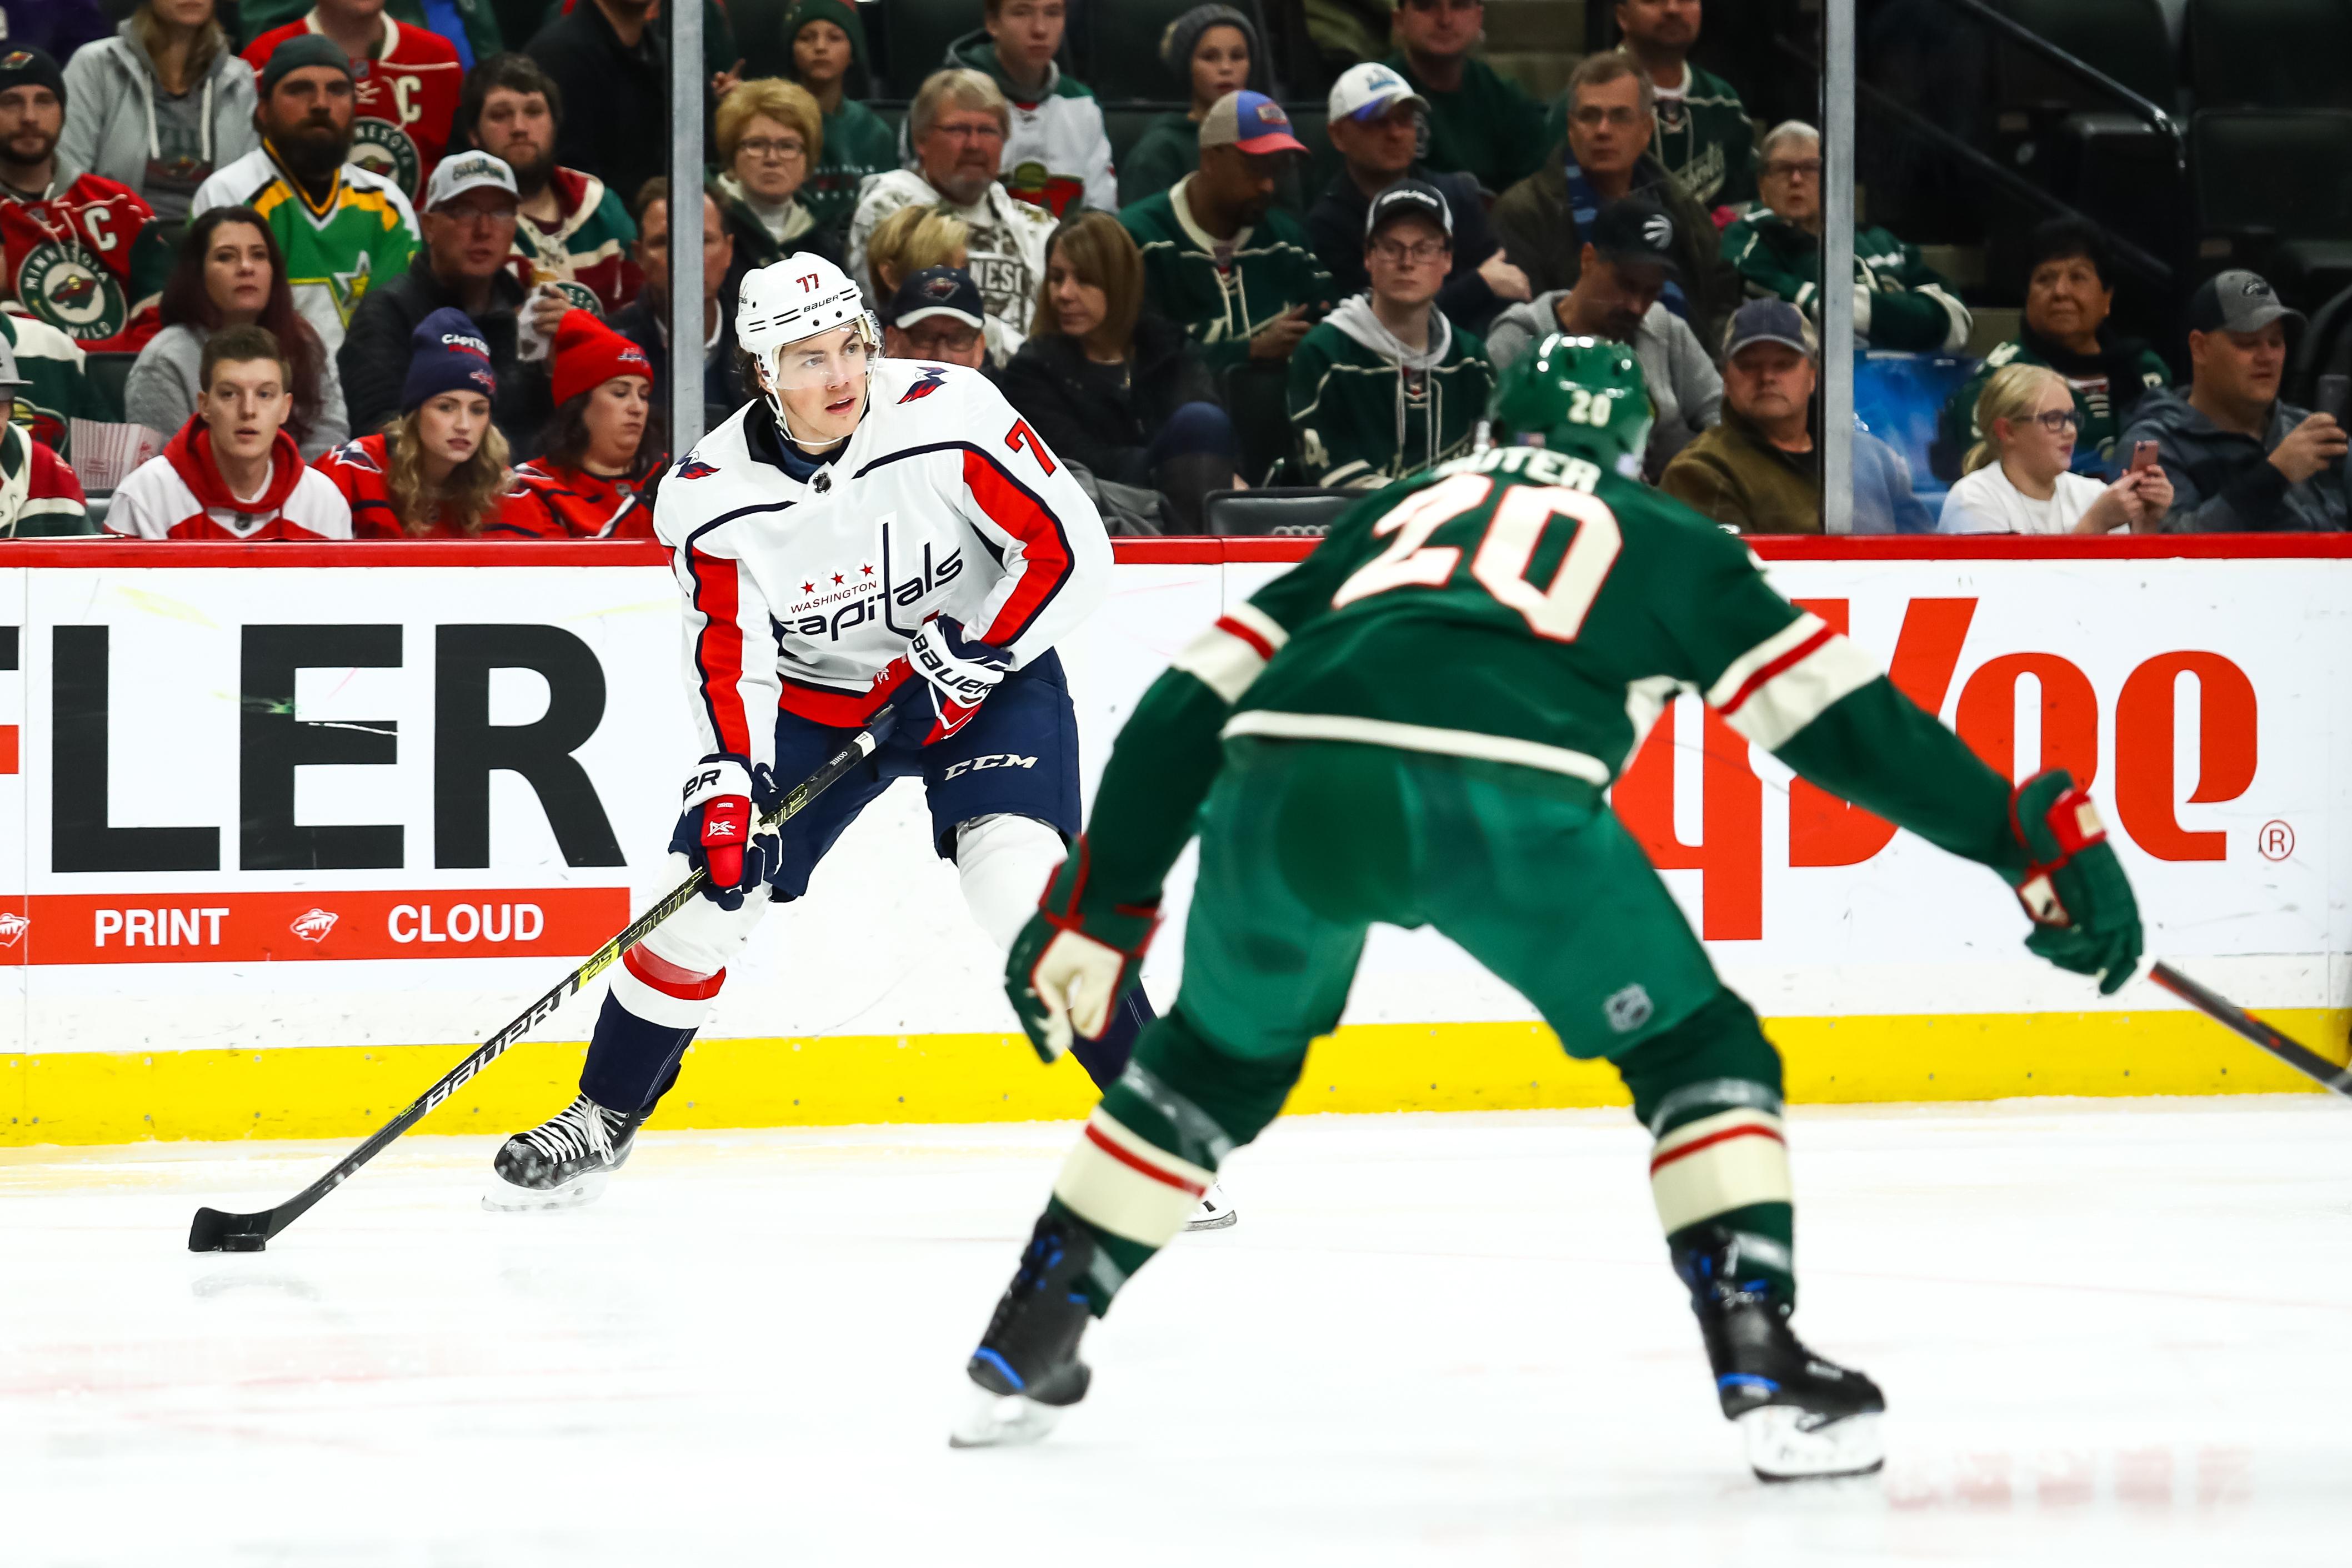 NHL: NOV 13 Capitals at Wild